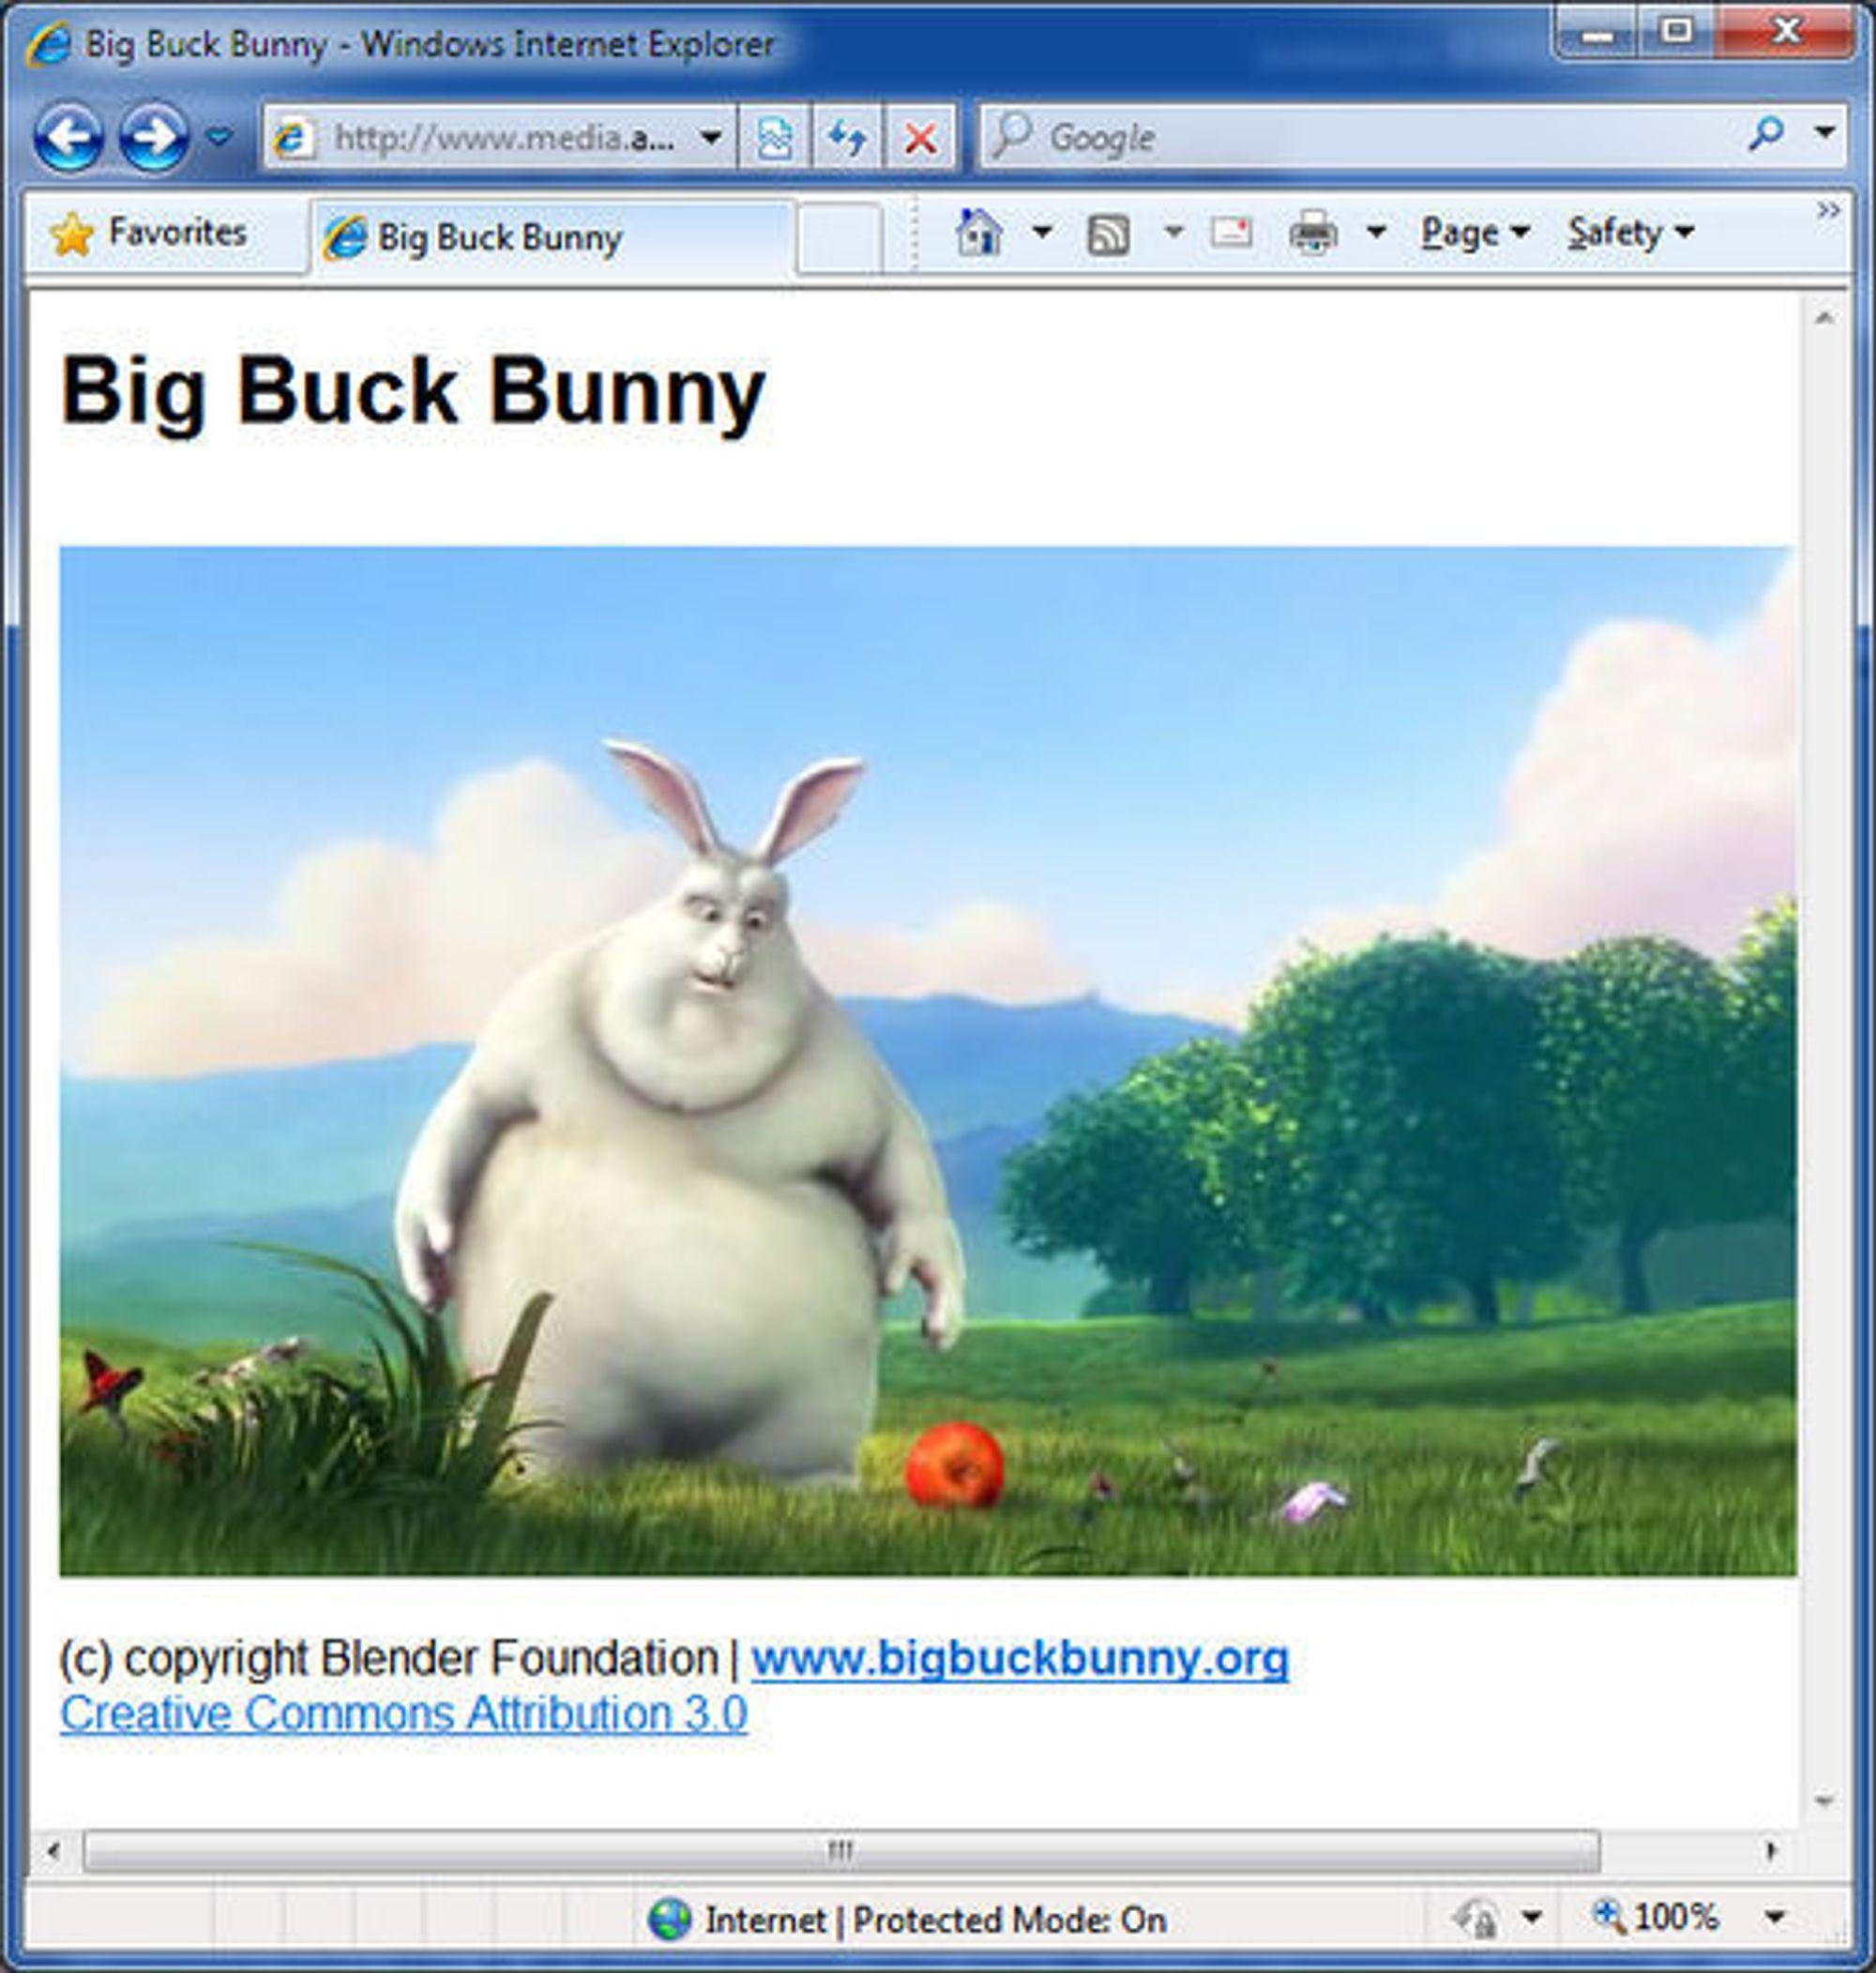 Avspilling av Ogg Theora-basert video i en HTML5-basert løsning med Internet Explorer.